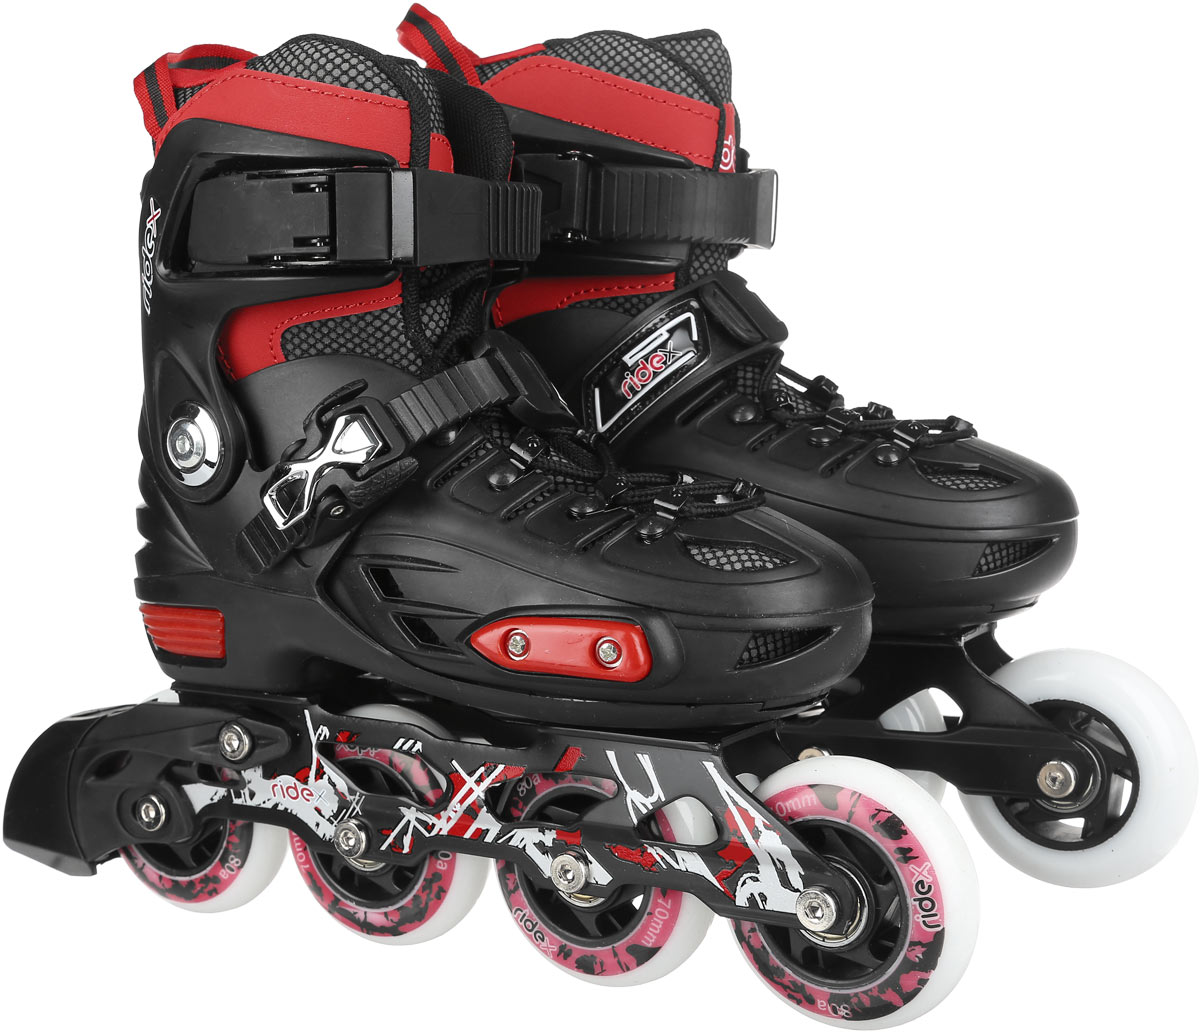 Коньки роликовые Ridex Diablo, раздвижные, цвет: черный, красный. УТ-00008115. Размер 30/33